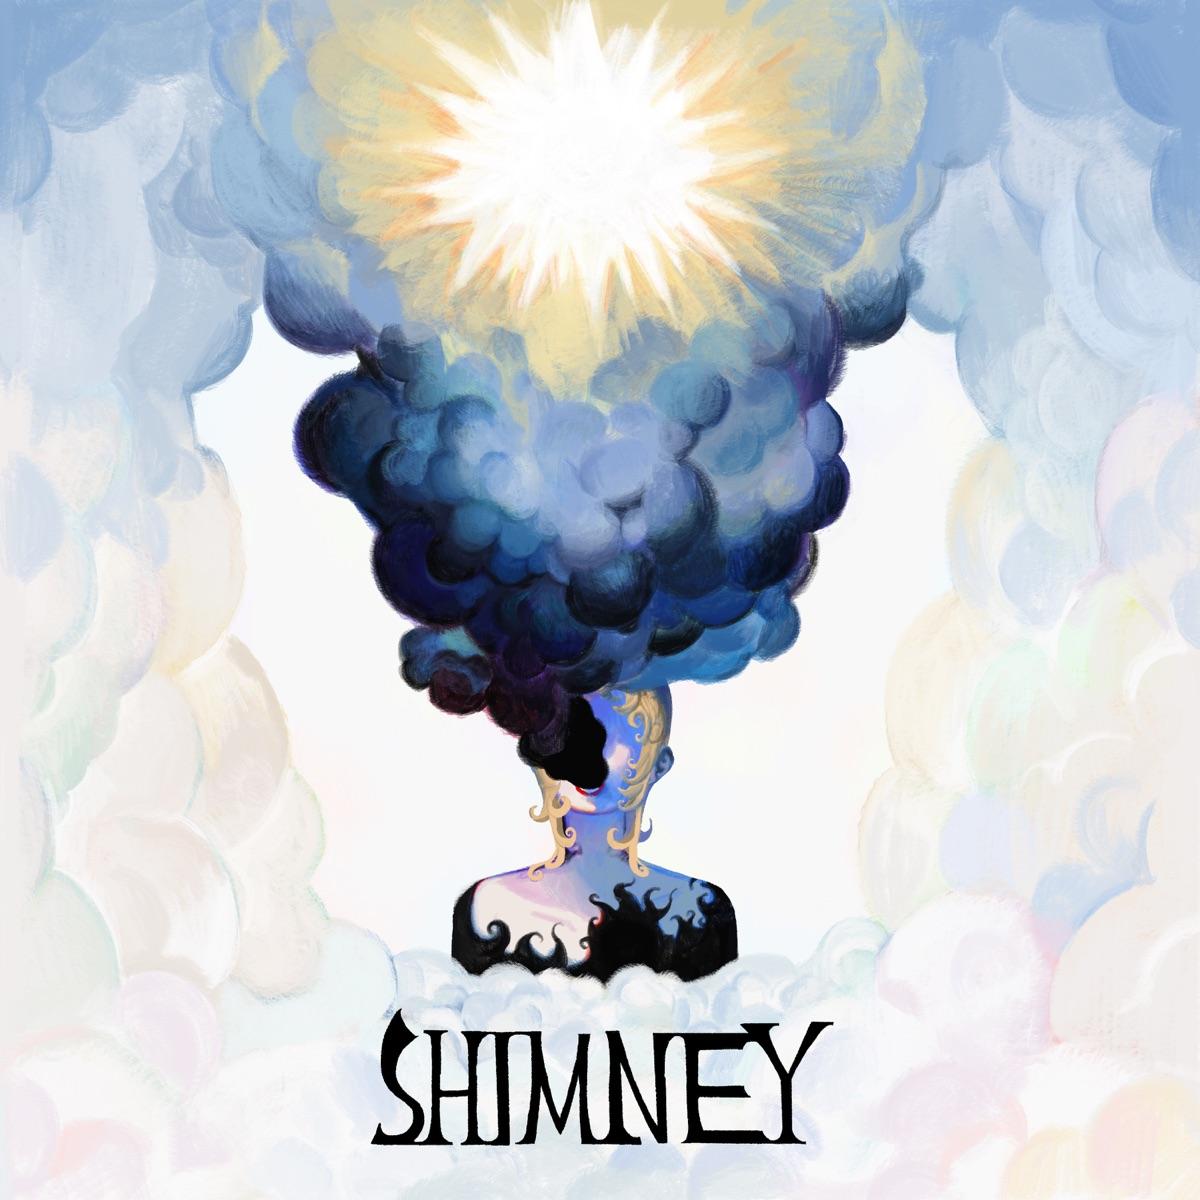 『煮ル果実 - ブライド・アンド・グルームが通る』収録の『SHIMNEY』ジャケット